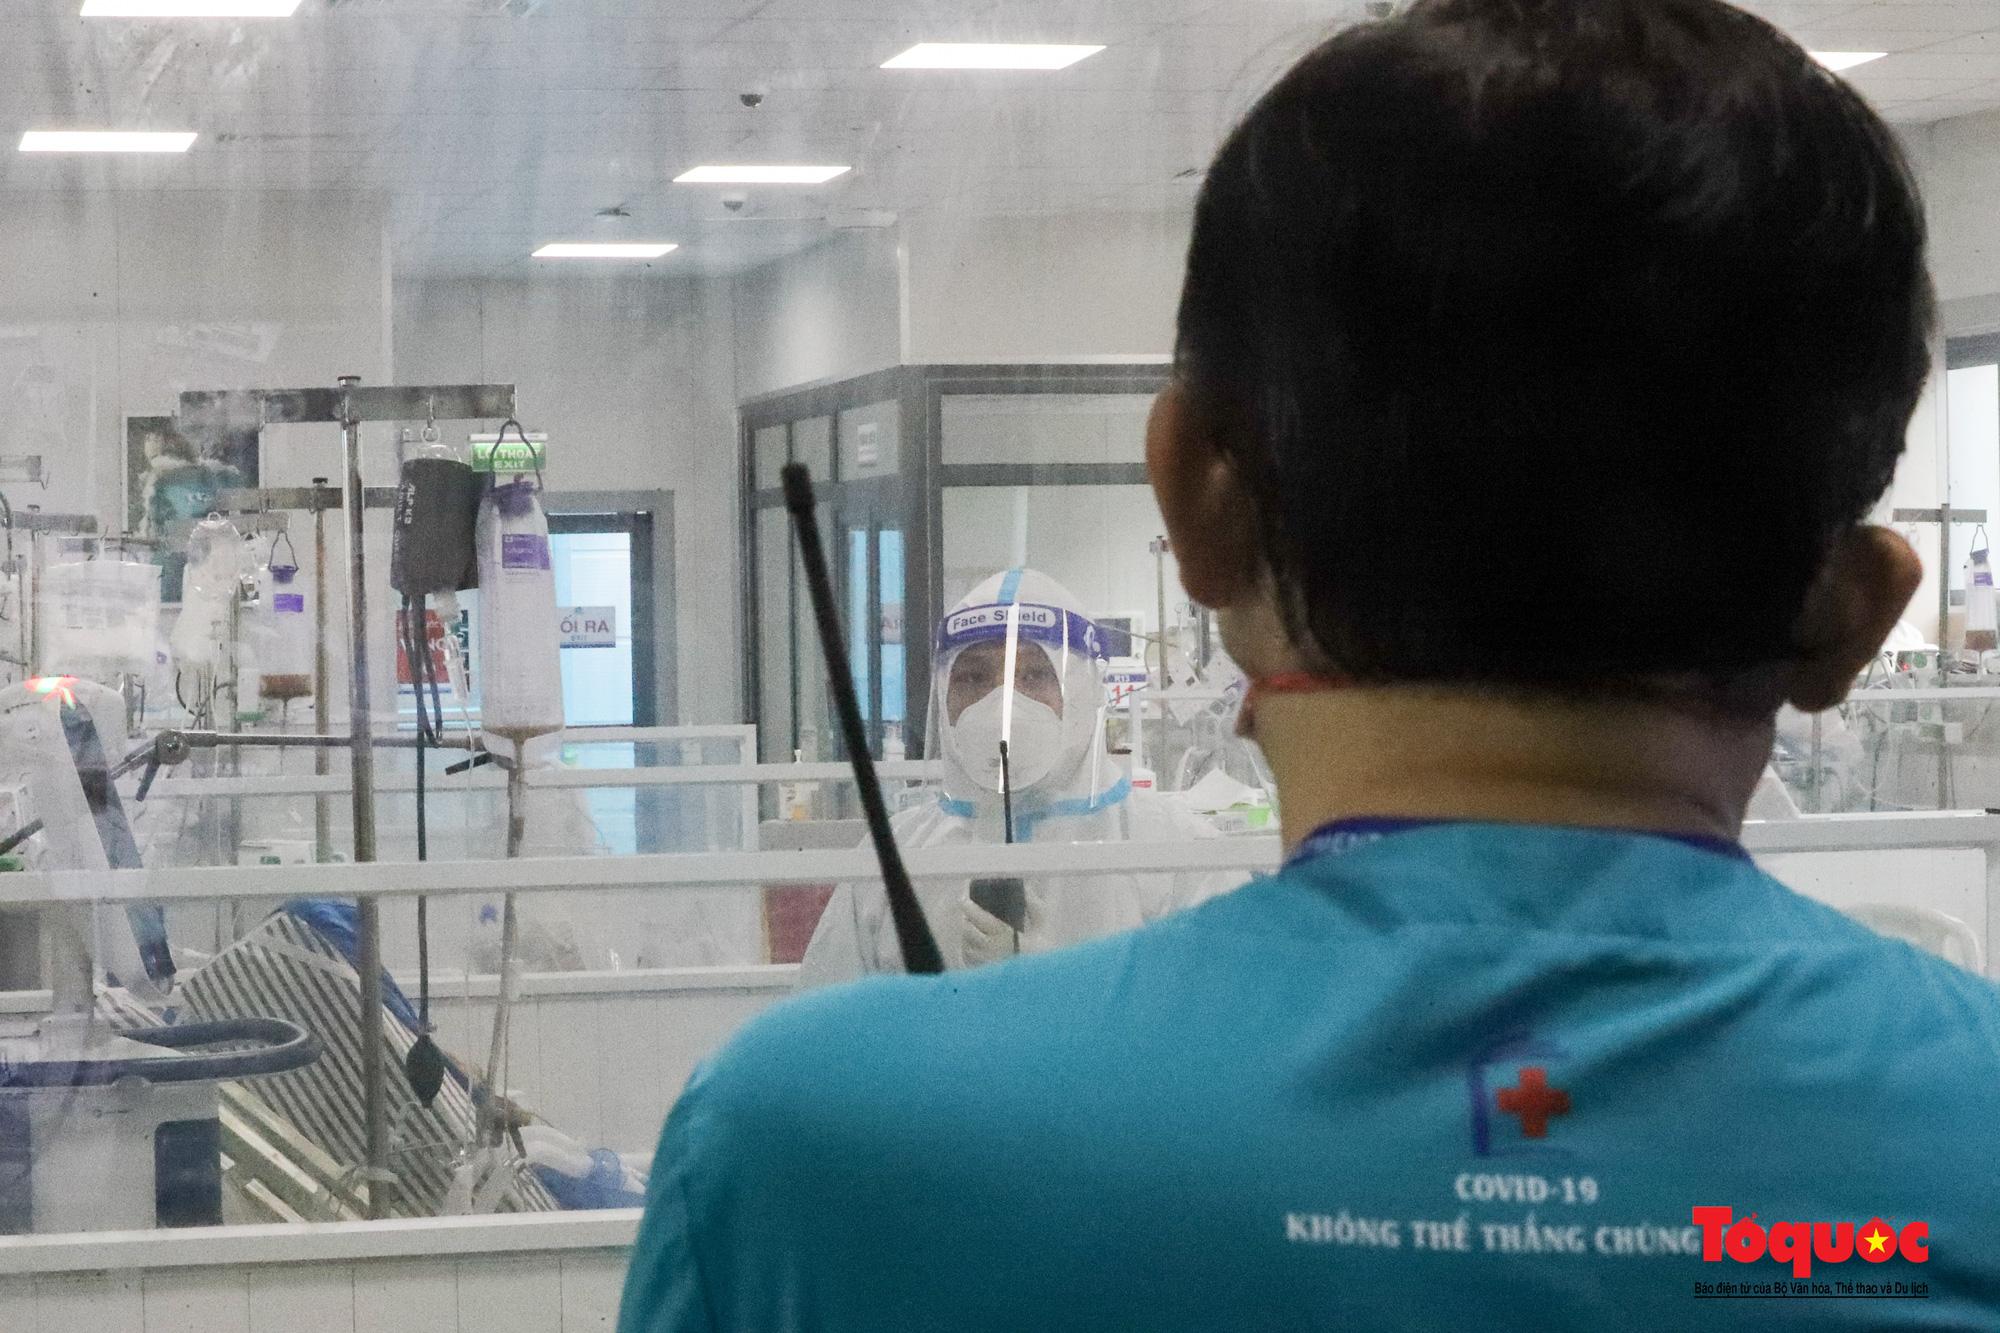 Hà Nội: Cận cảnh bên trong khu điều trị hiện đại của Bệnh viện điều trị người bệnh Covid 19  - Ảnh 16.